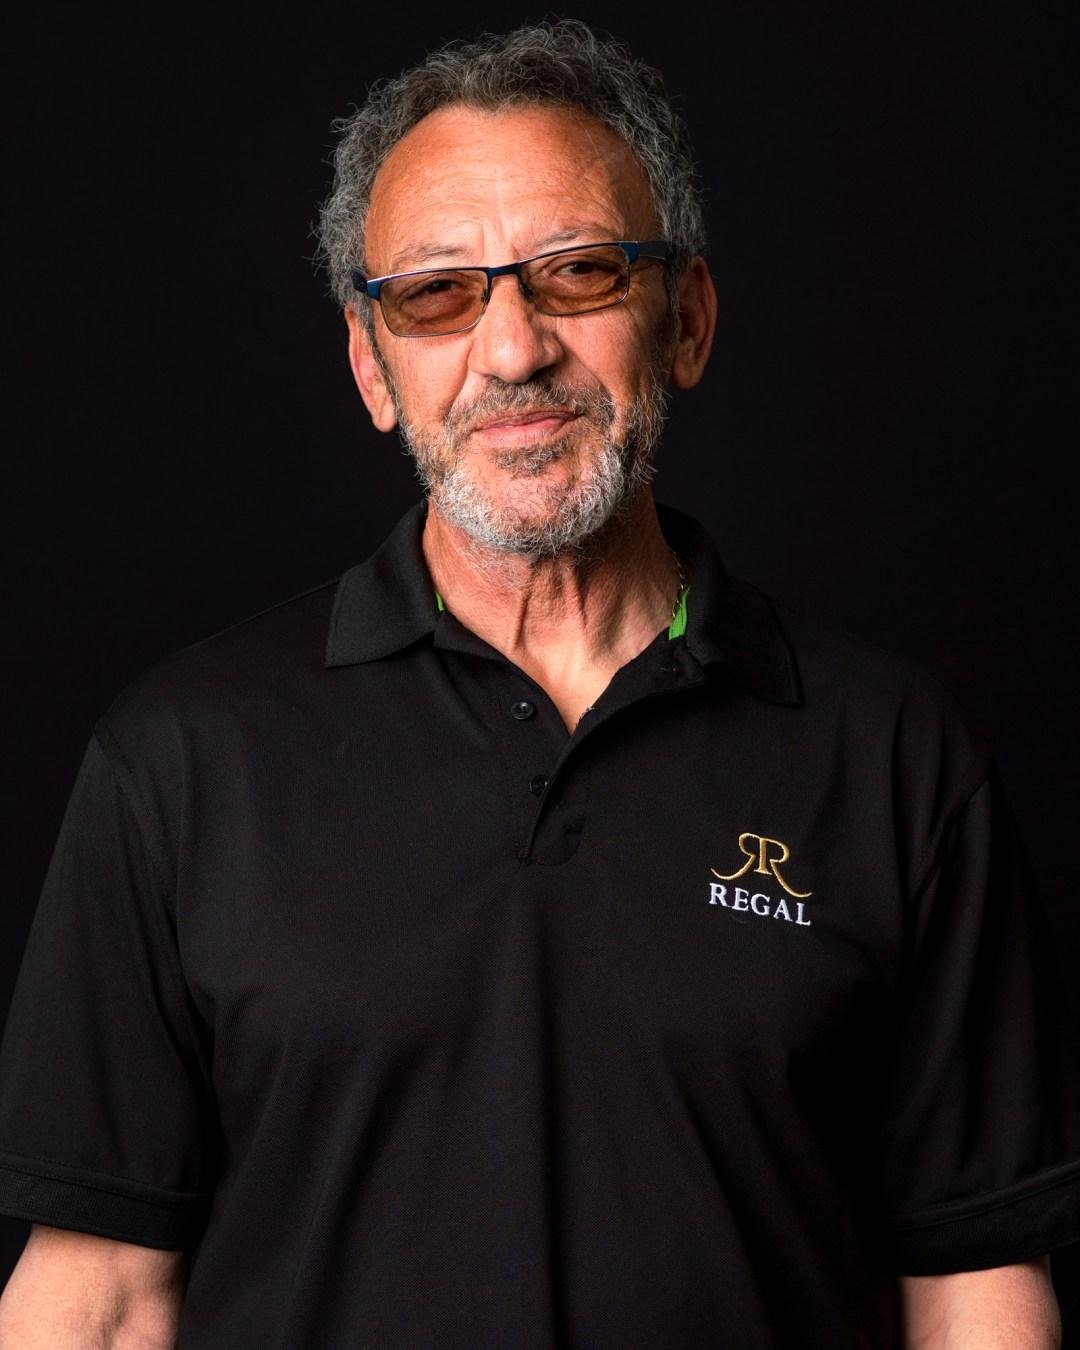 Joe Aliotta